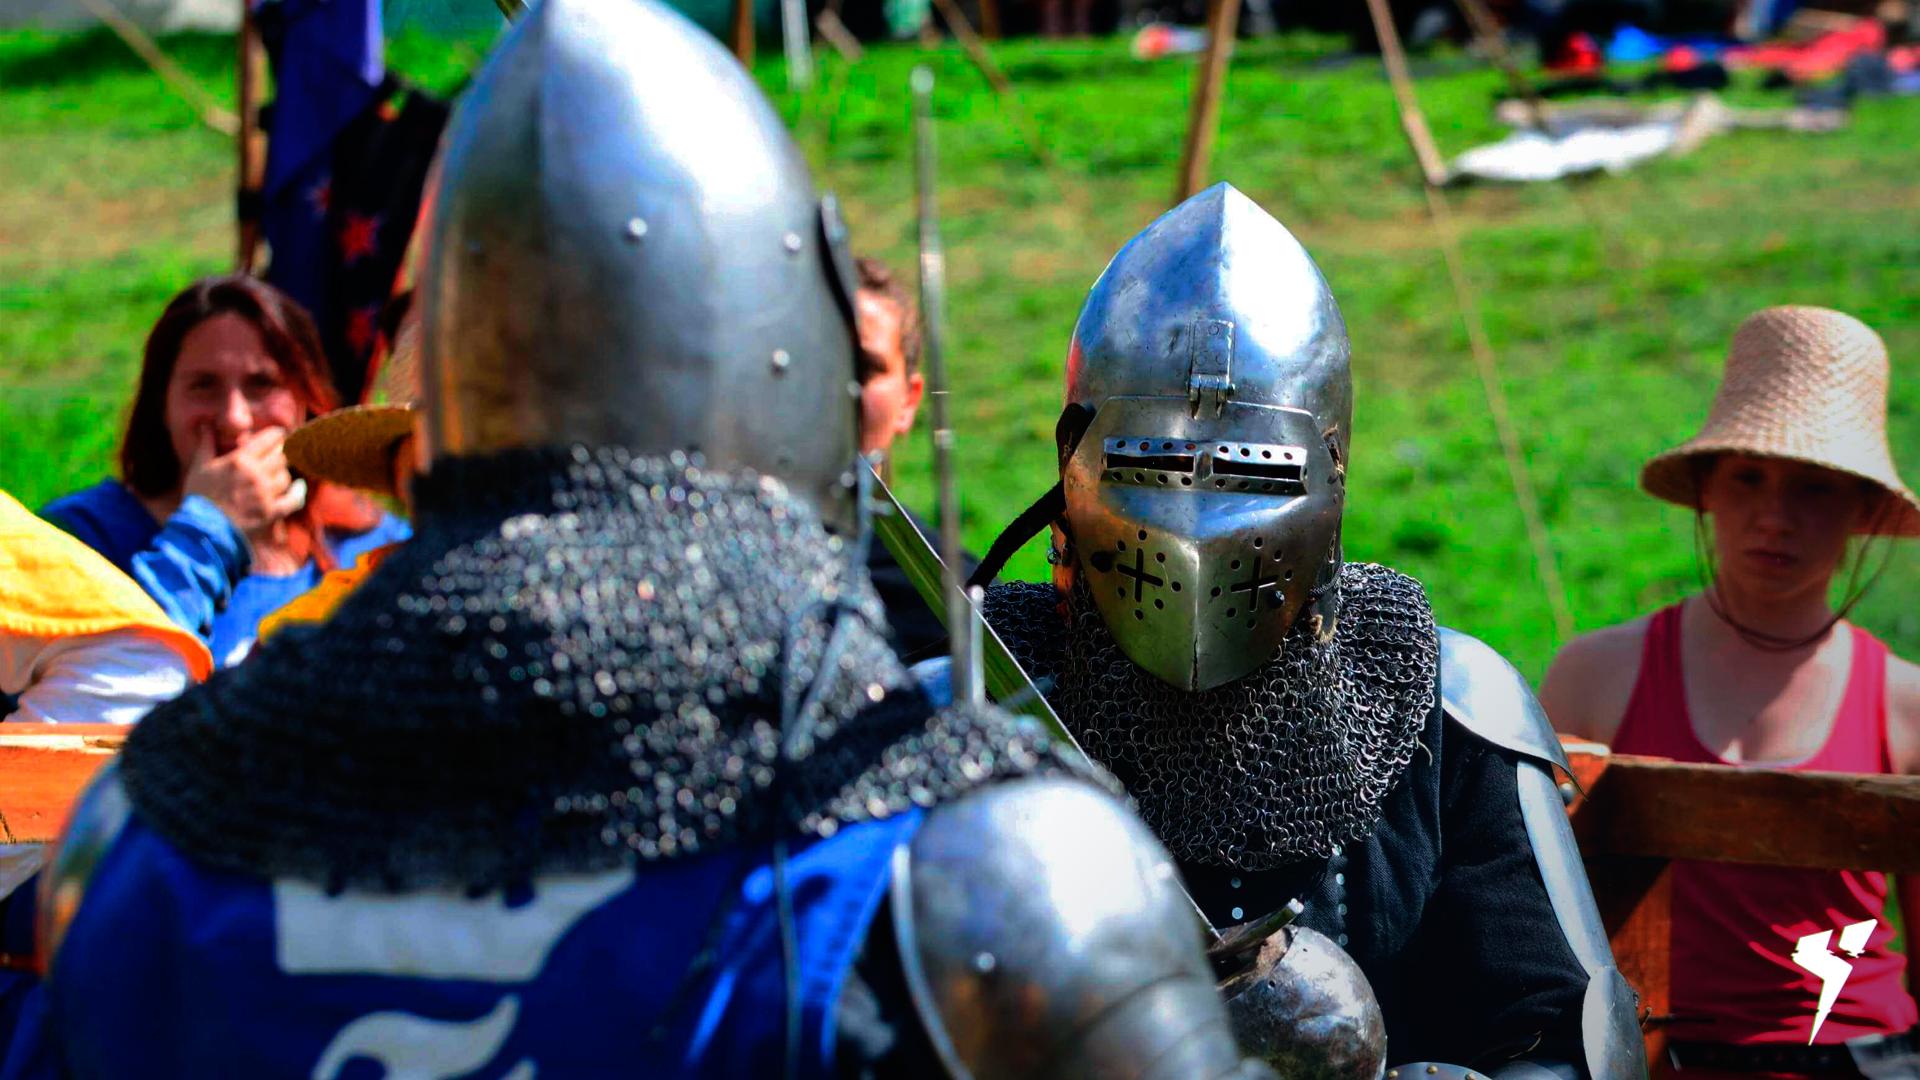 Imagem de um campeonato de duelo medieval, onde dois guerreiros se enfrentam no 1 contra 1.